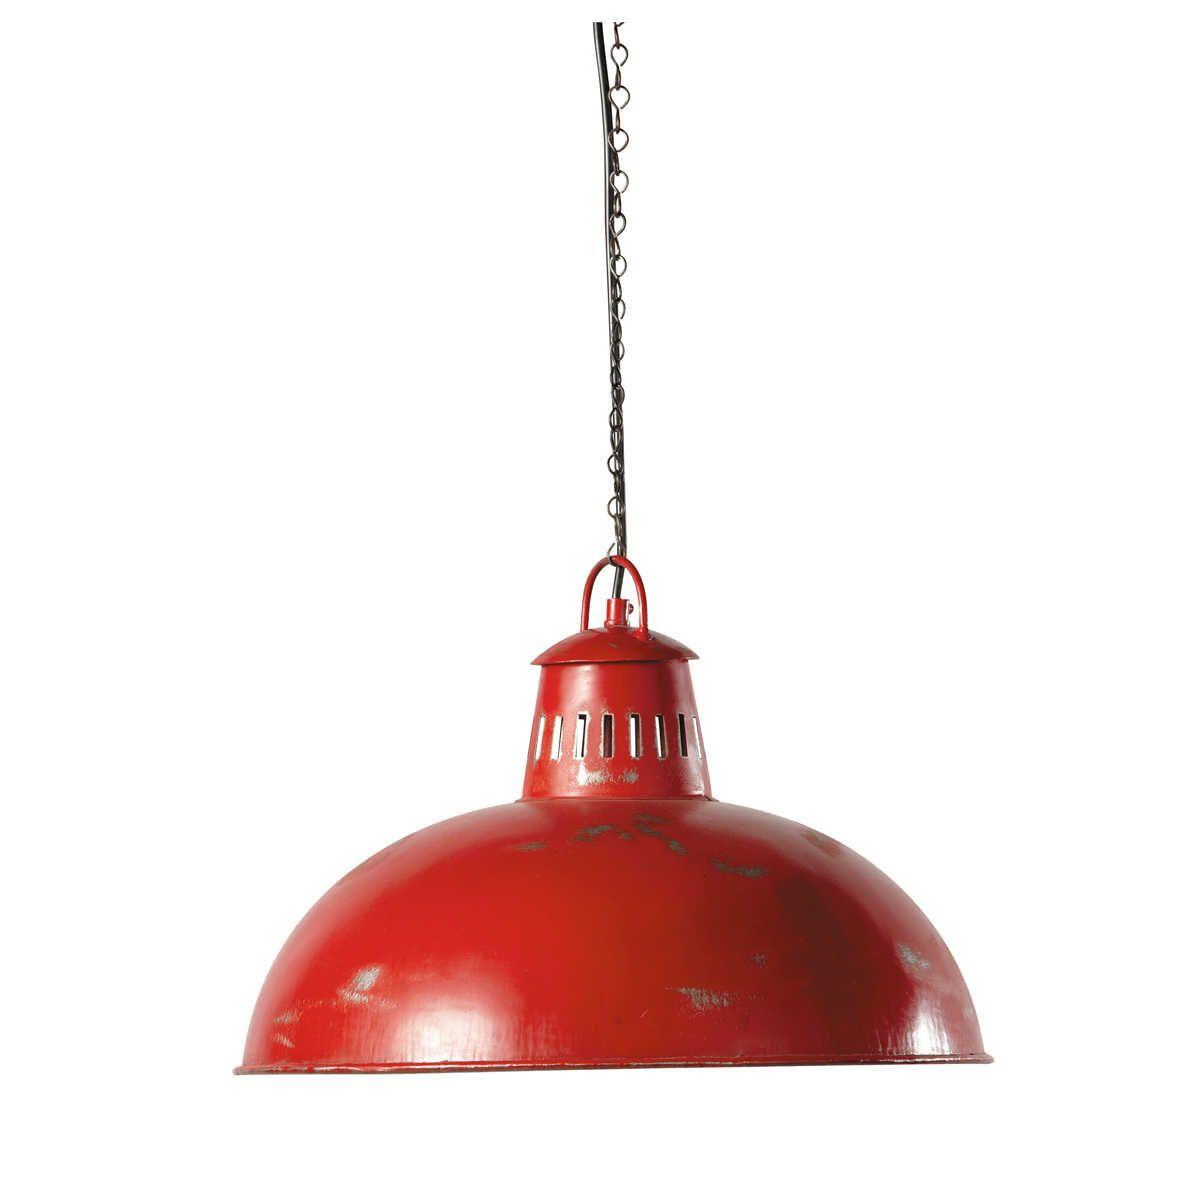 Hängeleuchte Im Industrial Stil Aus Metall, D 41 Cm, Rot